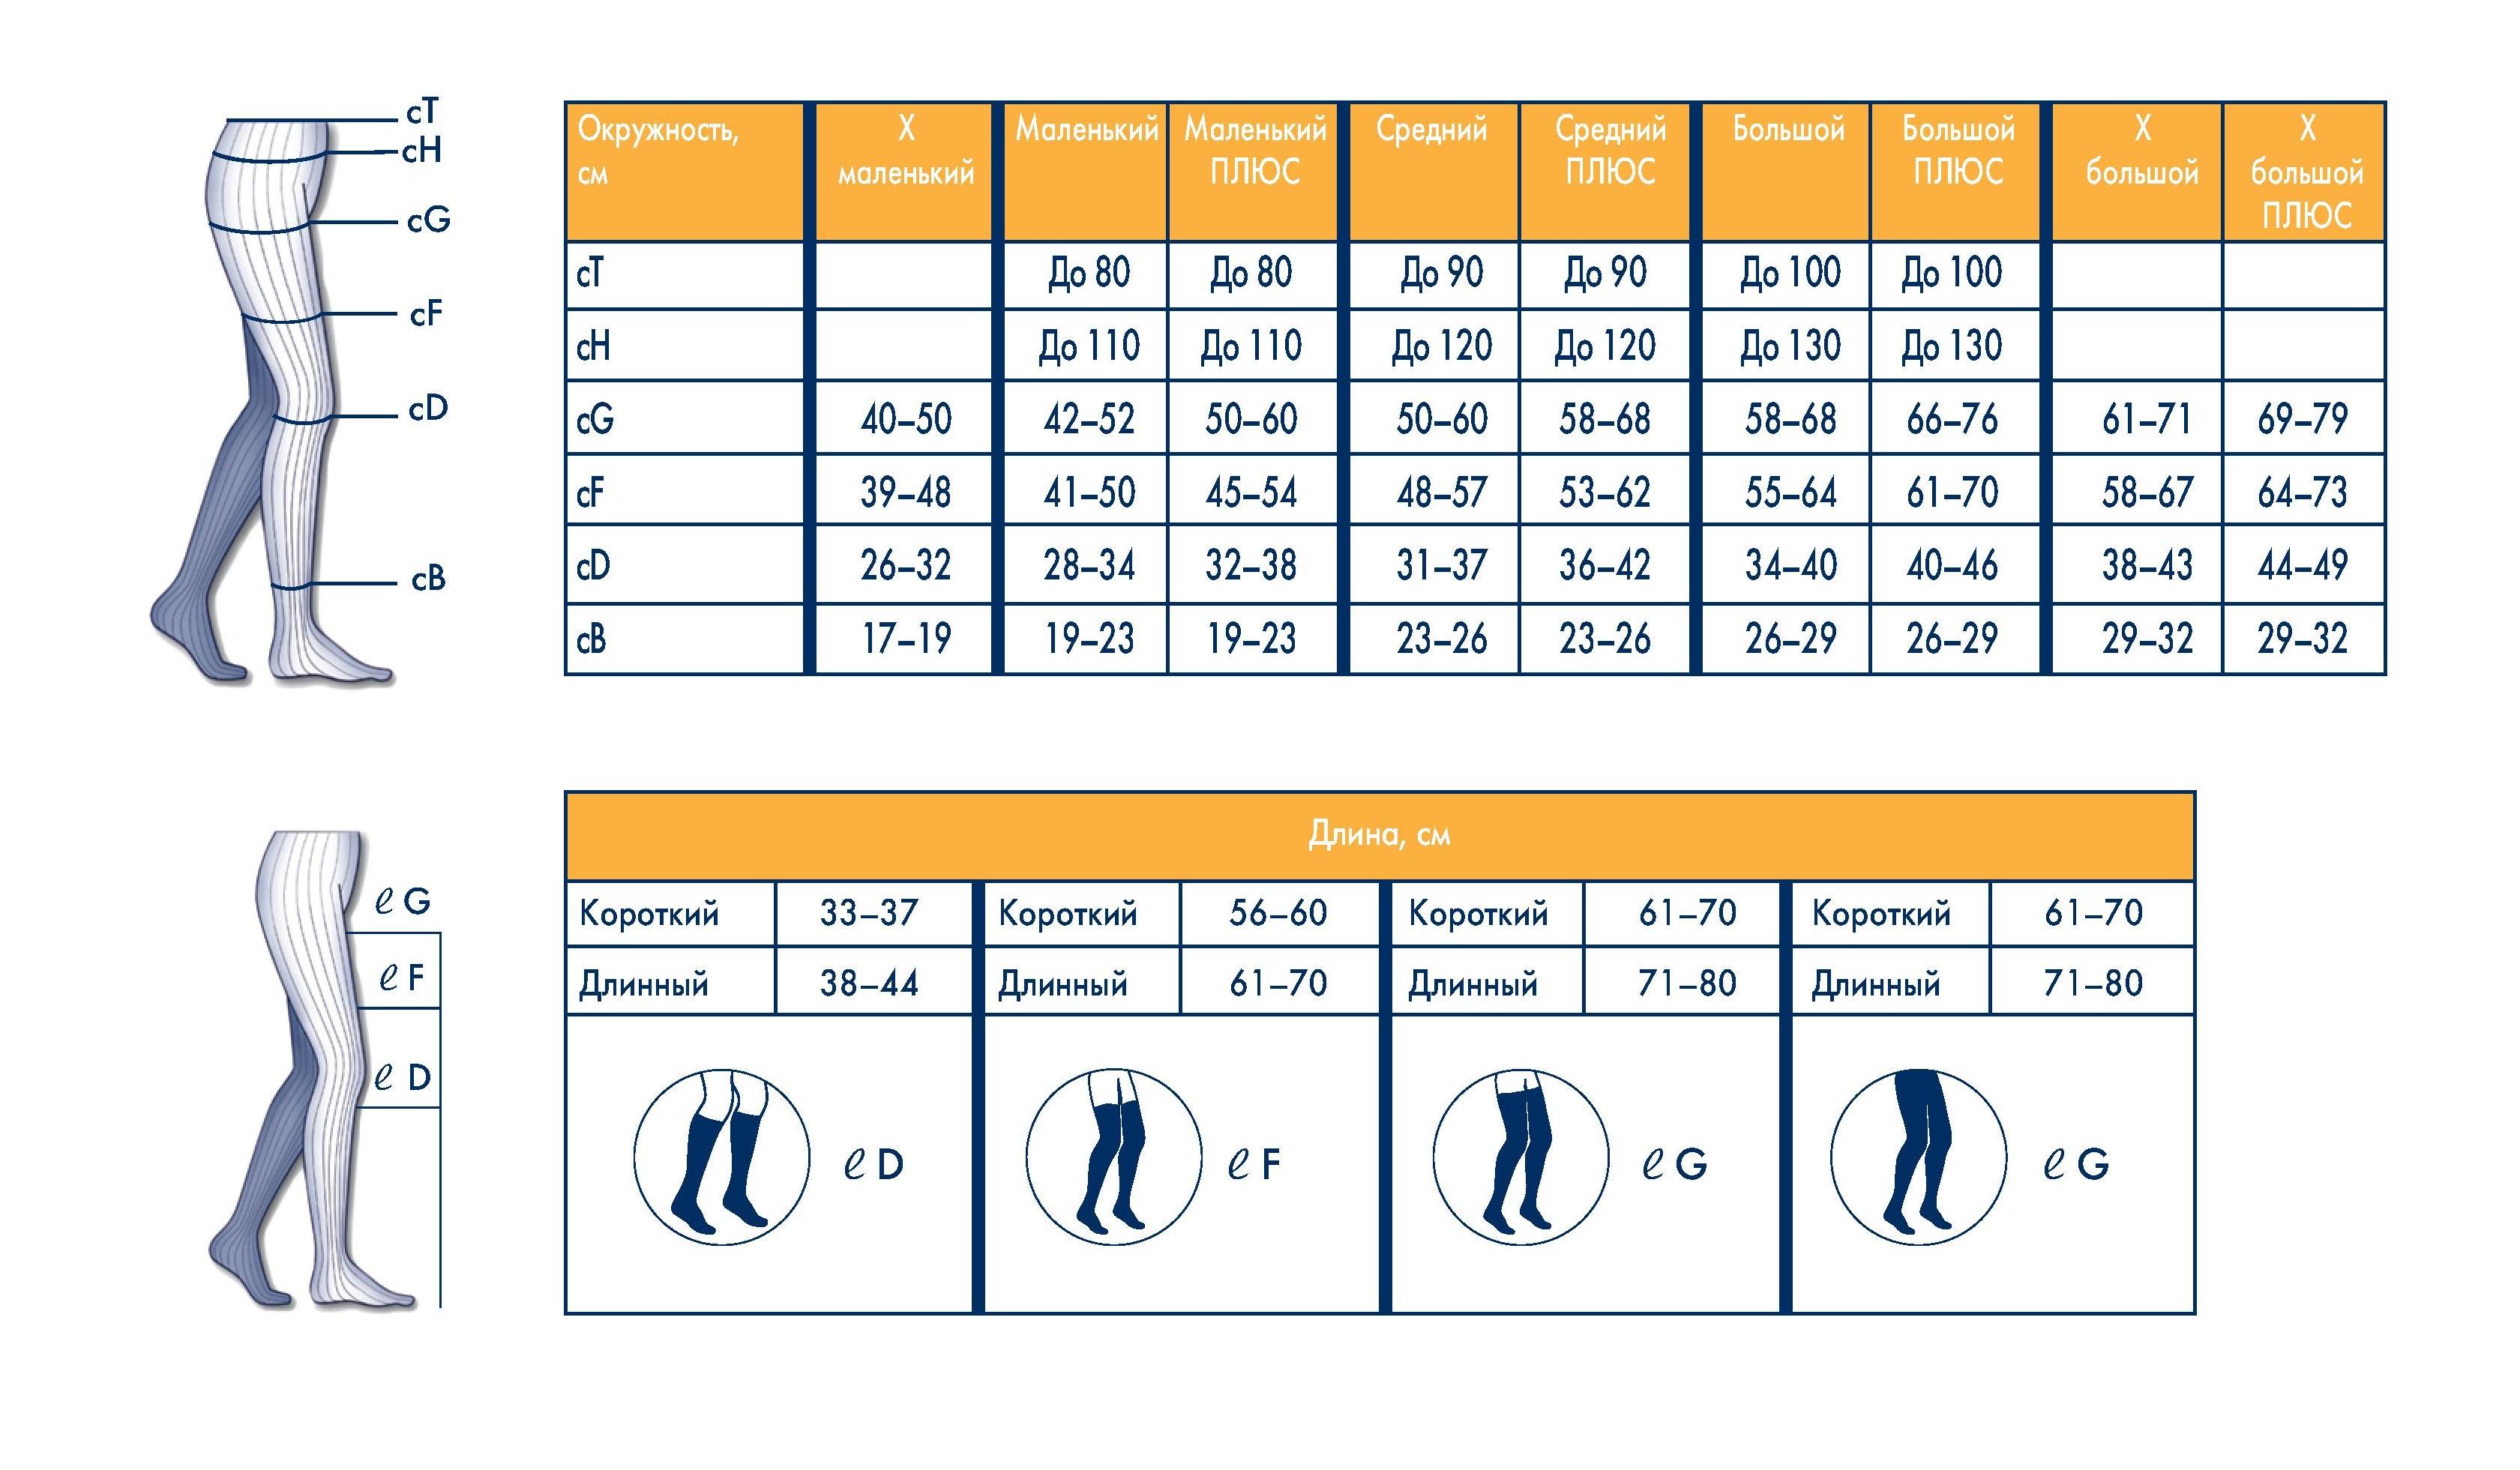 Схема подбора размера компрессионных изделий TRADITIONAL